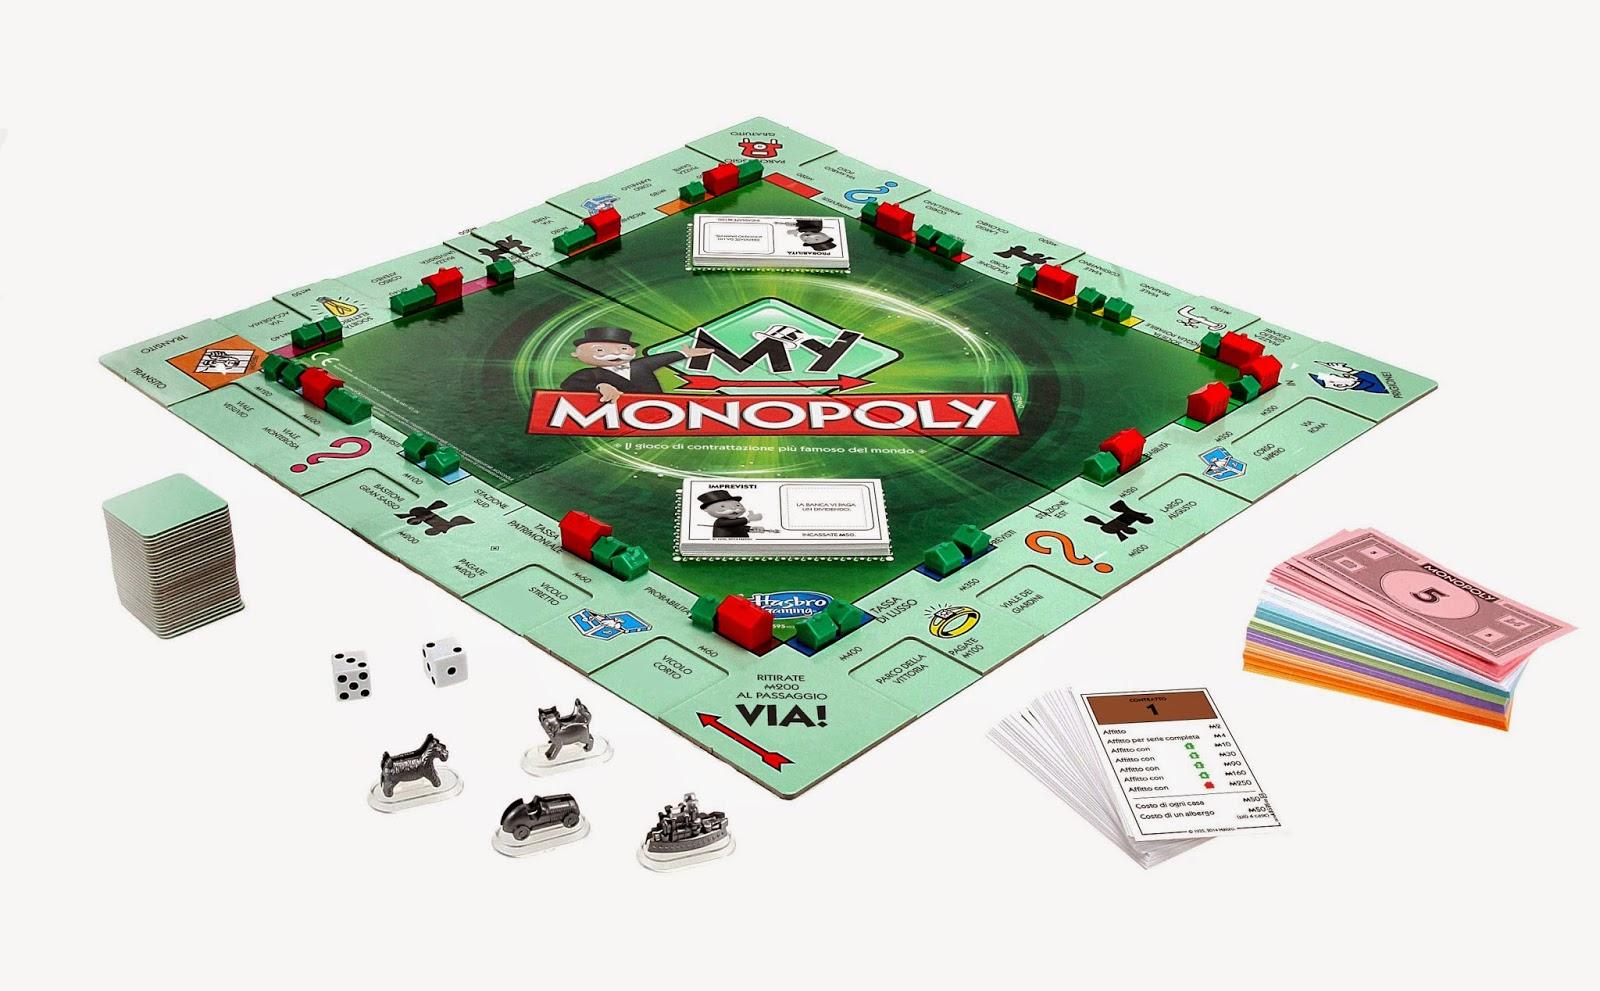 Gioco da tavolo my monopoly nuovo Hasbro Natale 2014 costo al pubblico